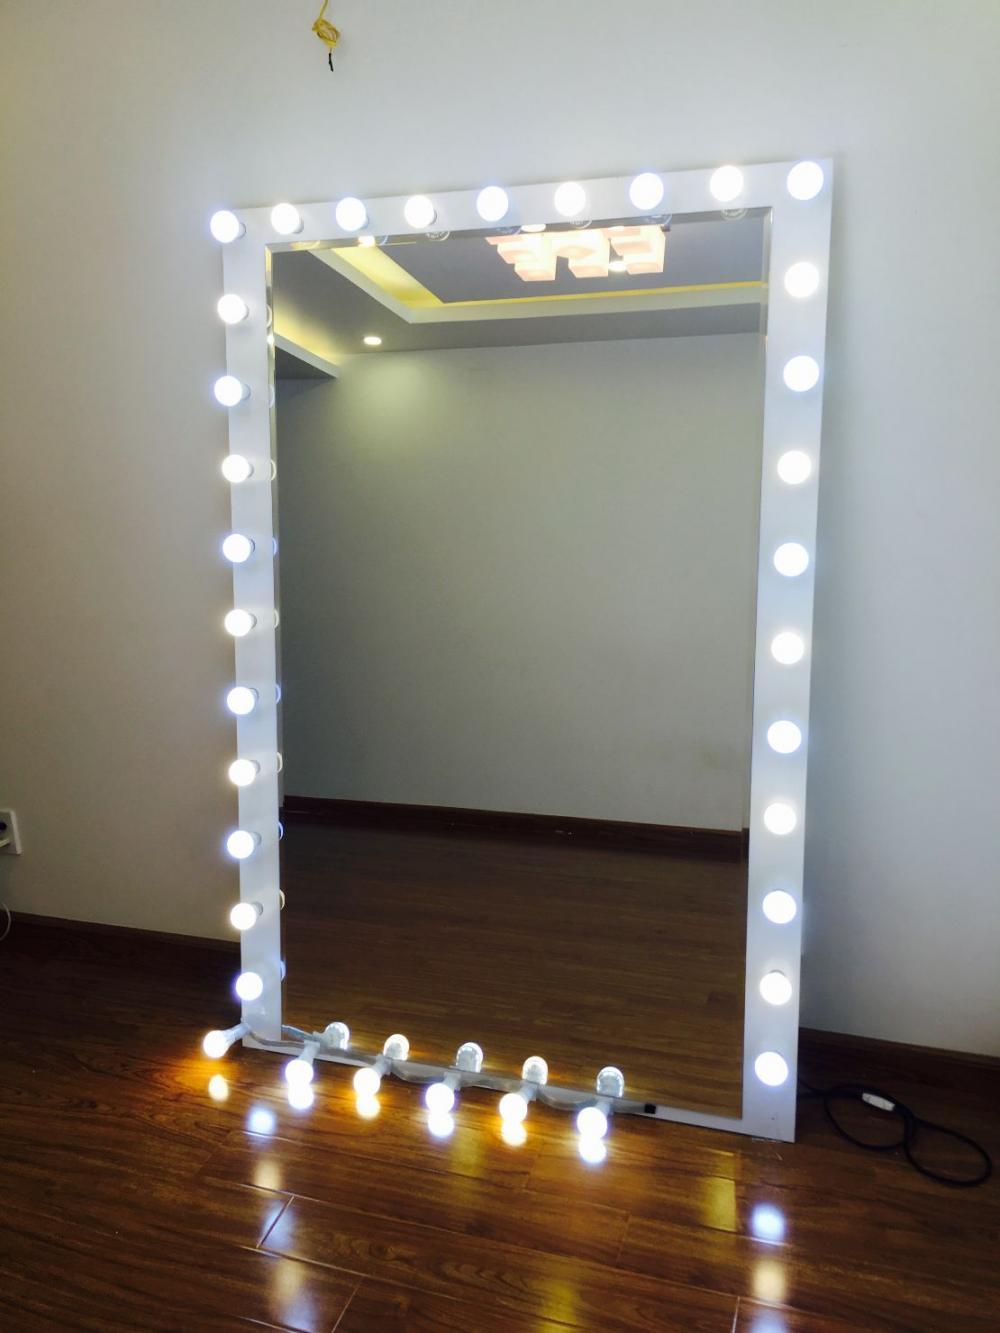 gương đèn cũ thanh lý rẻ hải phòng | docuhp.com | 0834 567 824